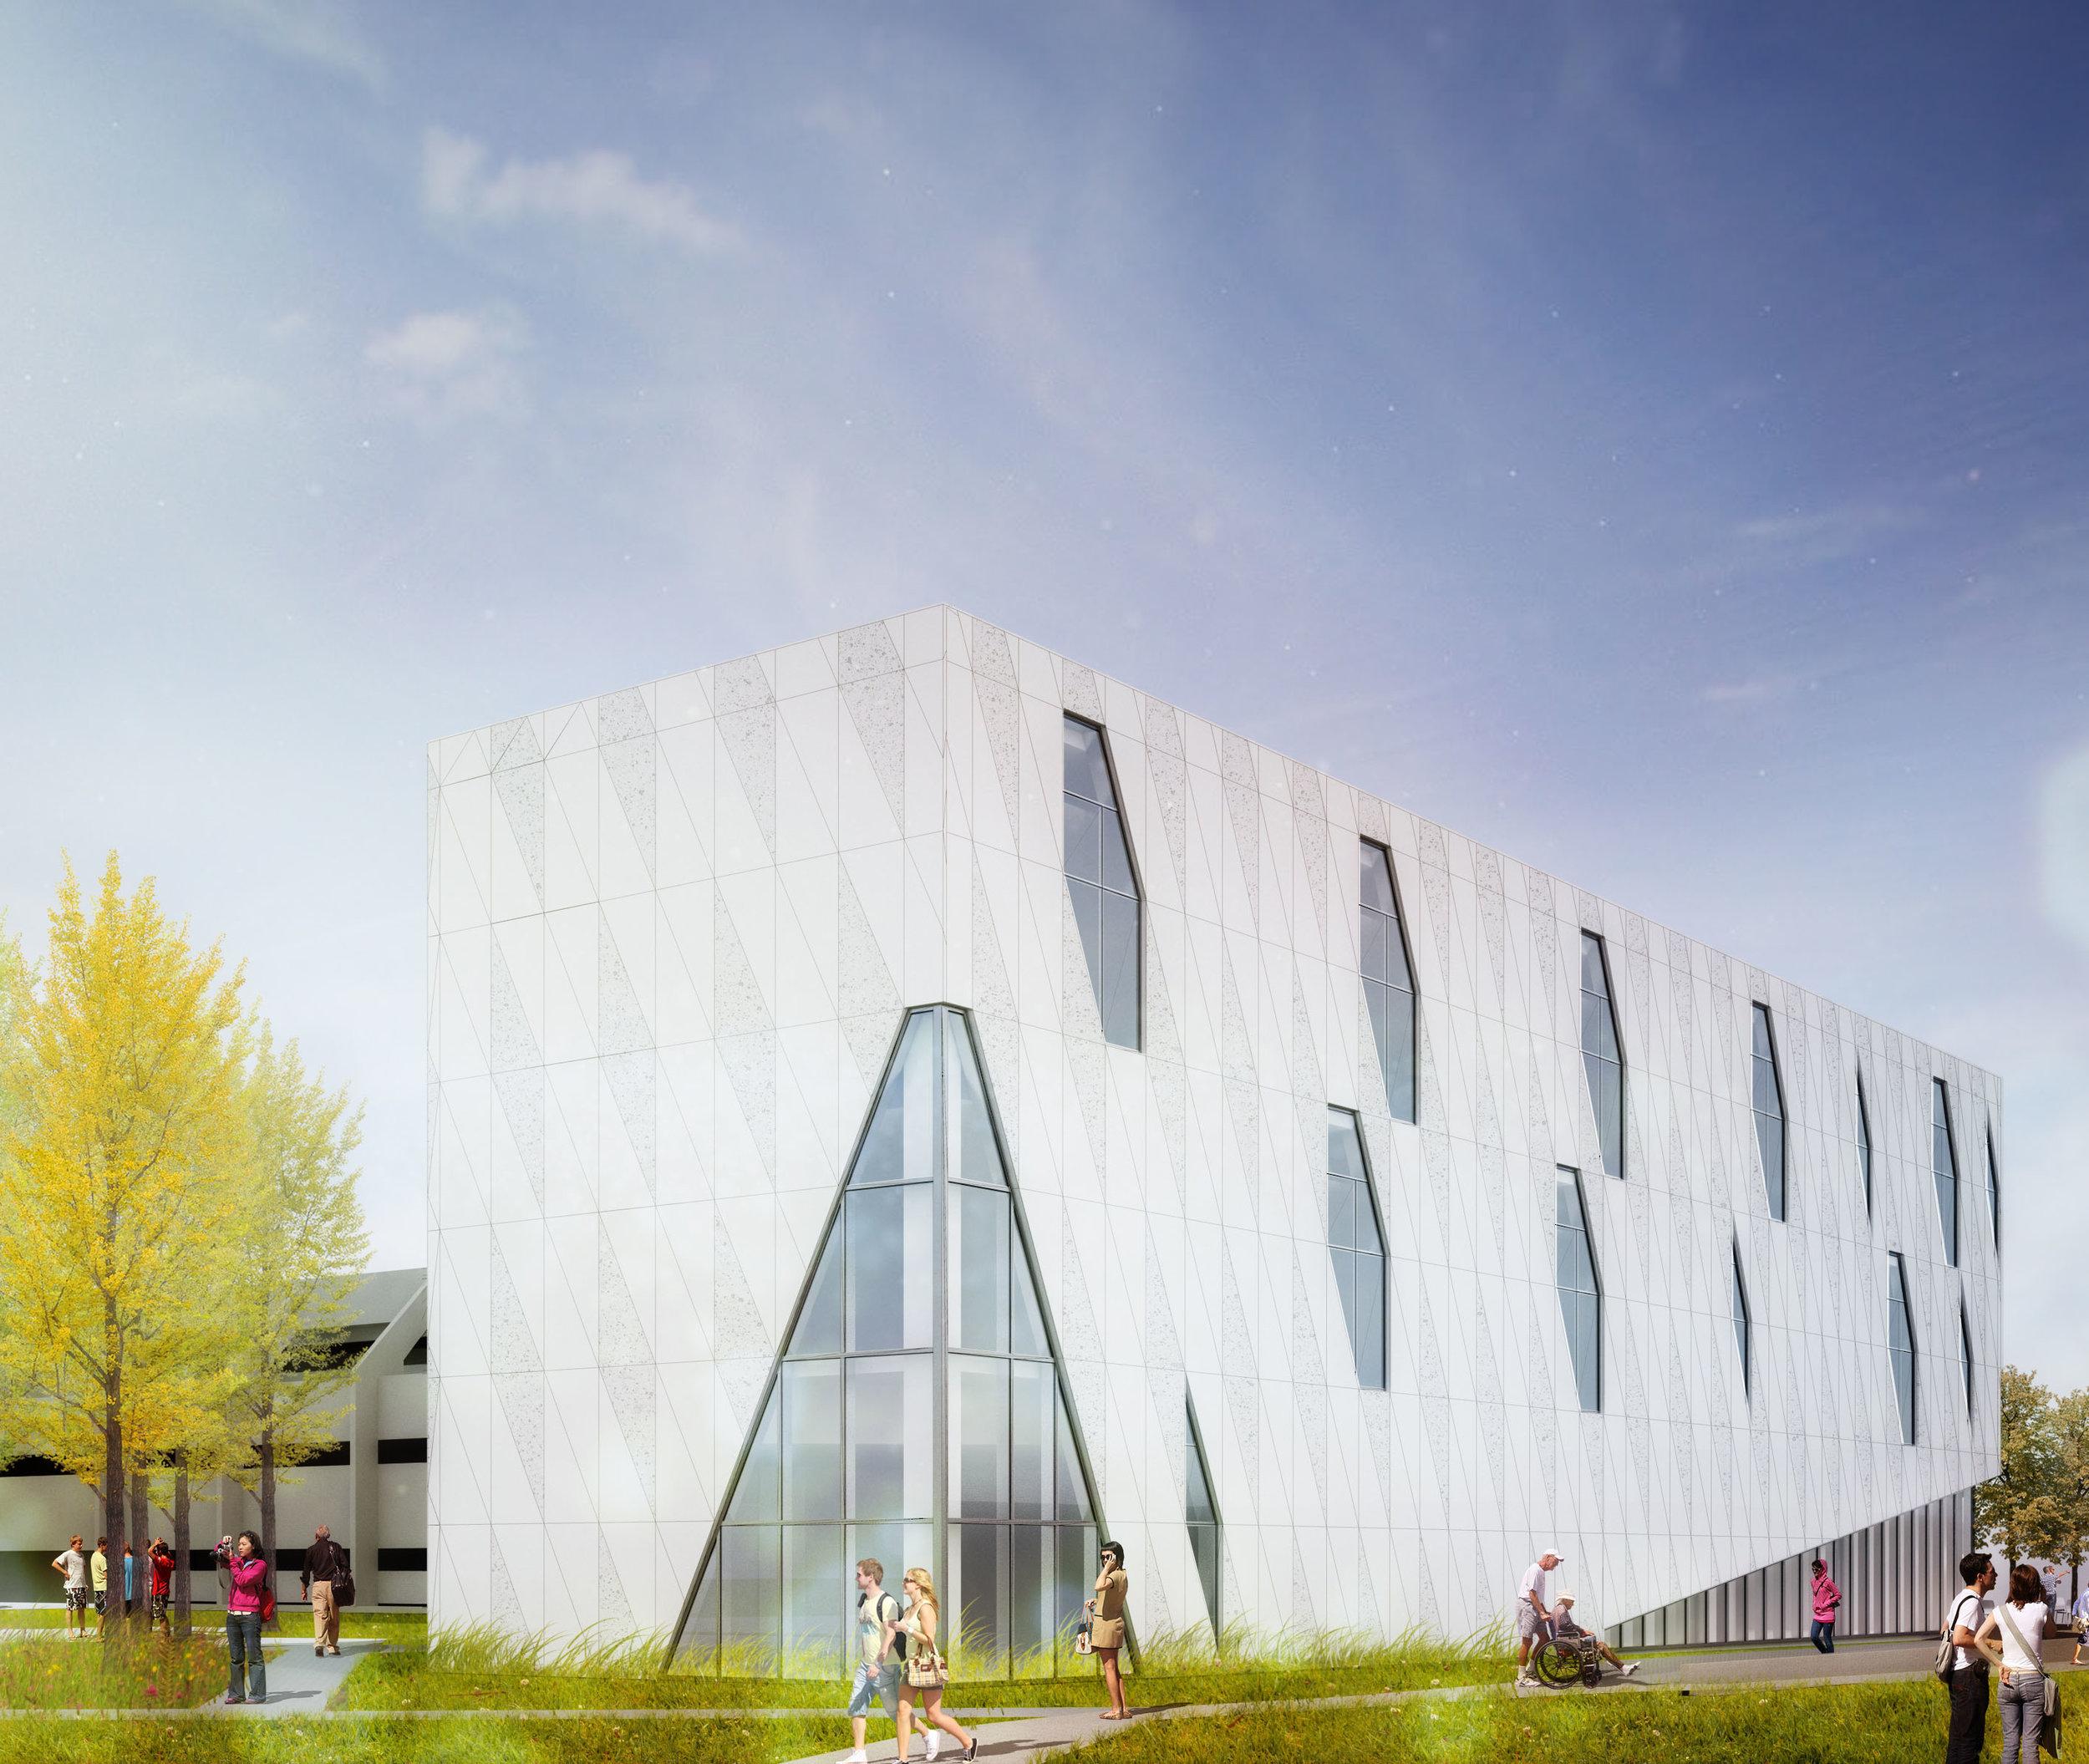 Okanagan College Health Sciences Centre